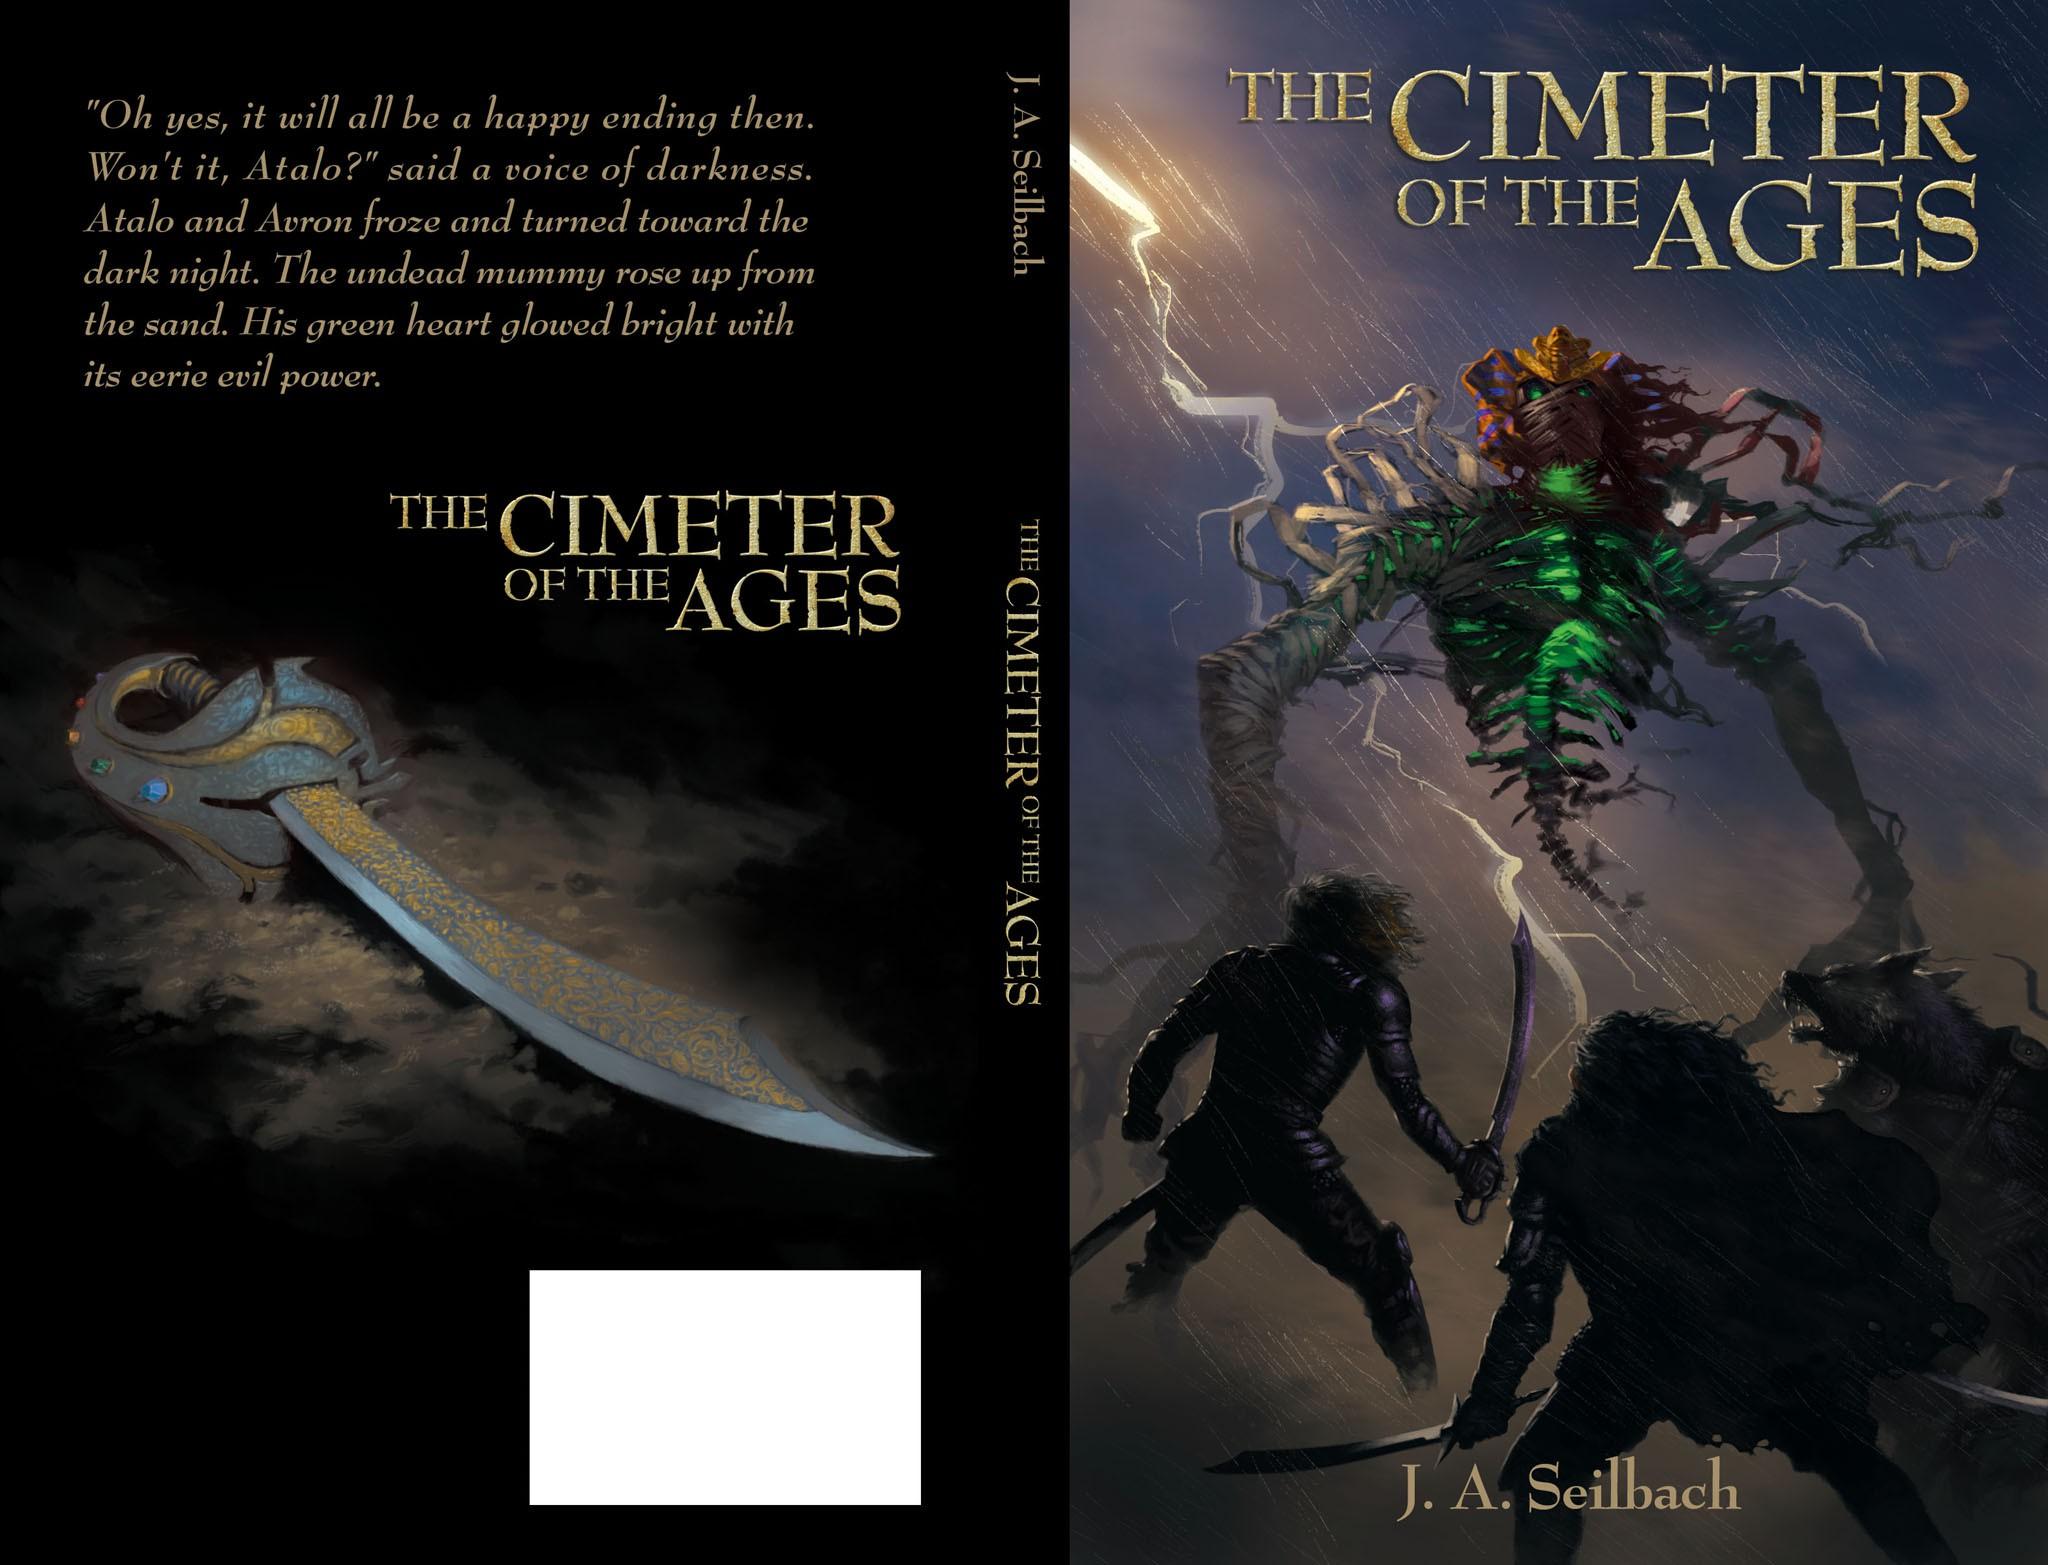 Book cover- Teen fantasy adventure book